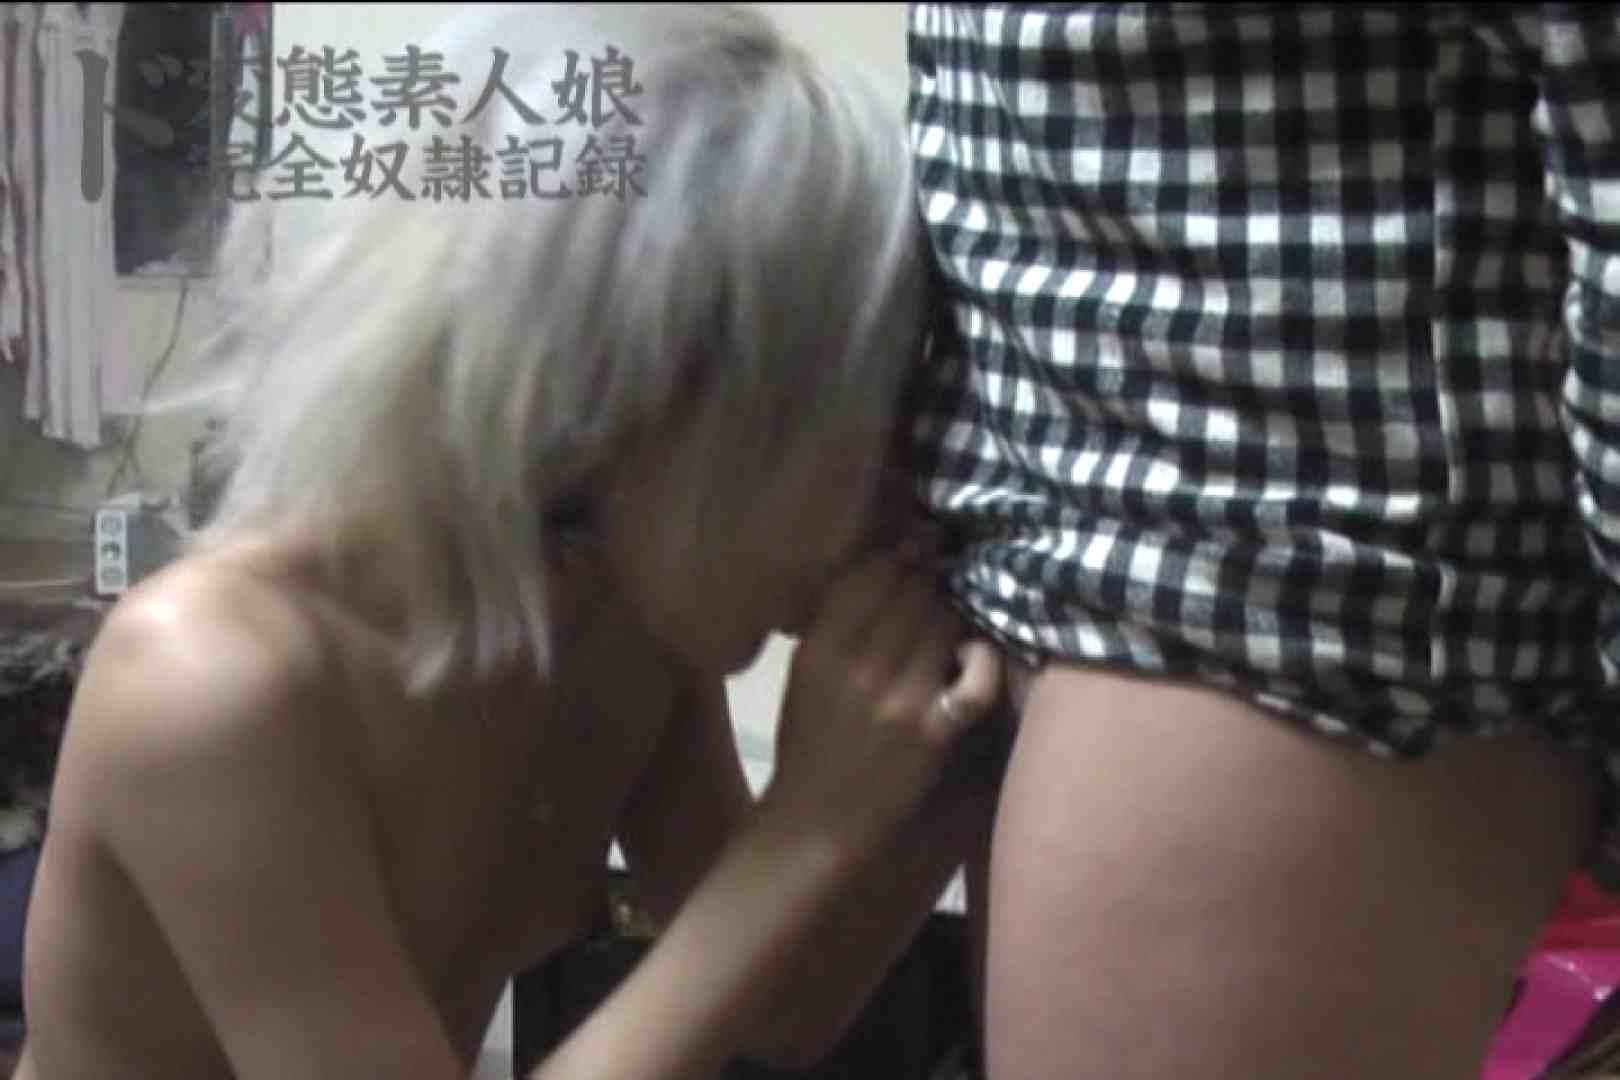 ド変態素人嬢完全奴隷記録 ~其の拾~ 素人丸裸 オマンコ動画キャプチャ 103pic 30